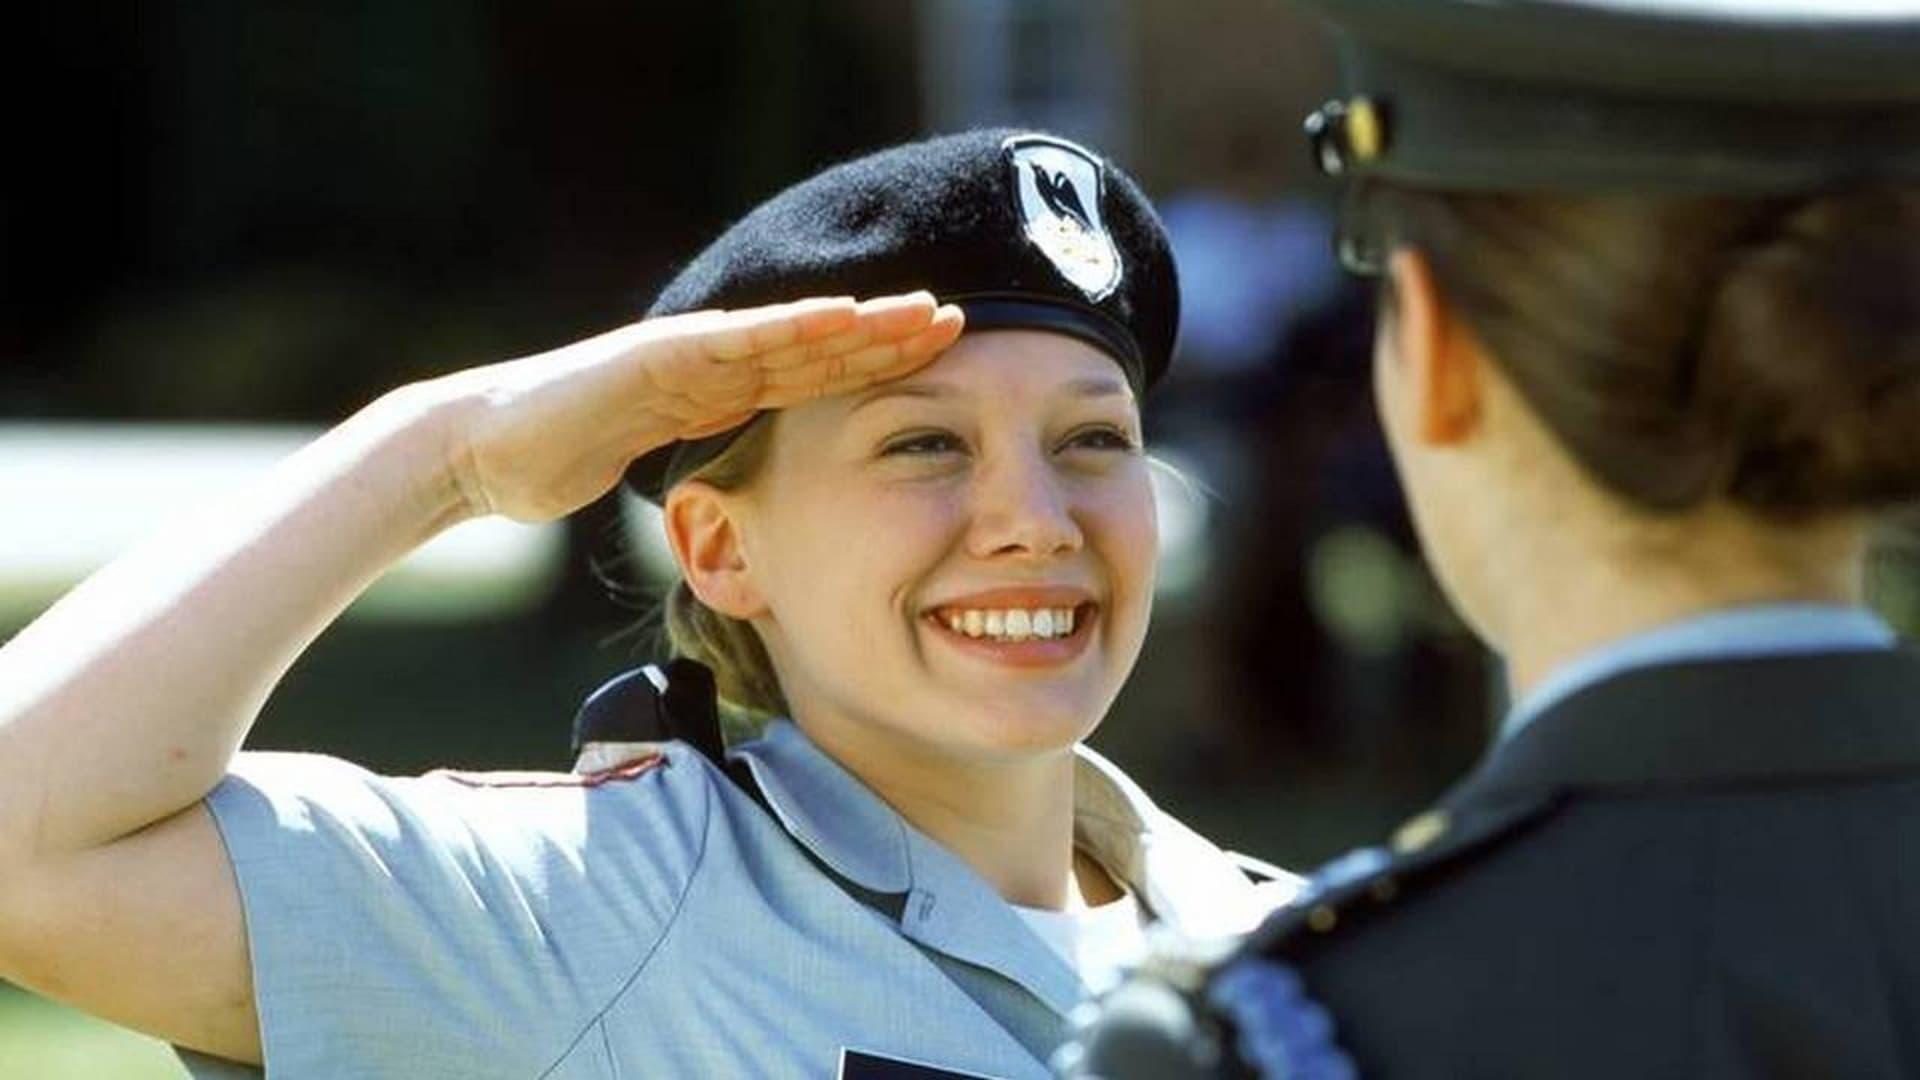 Cadet Kelly Movie